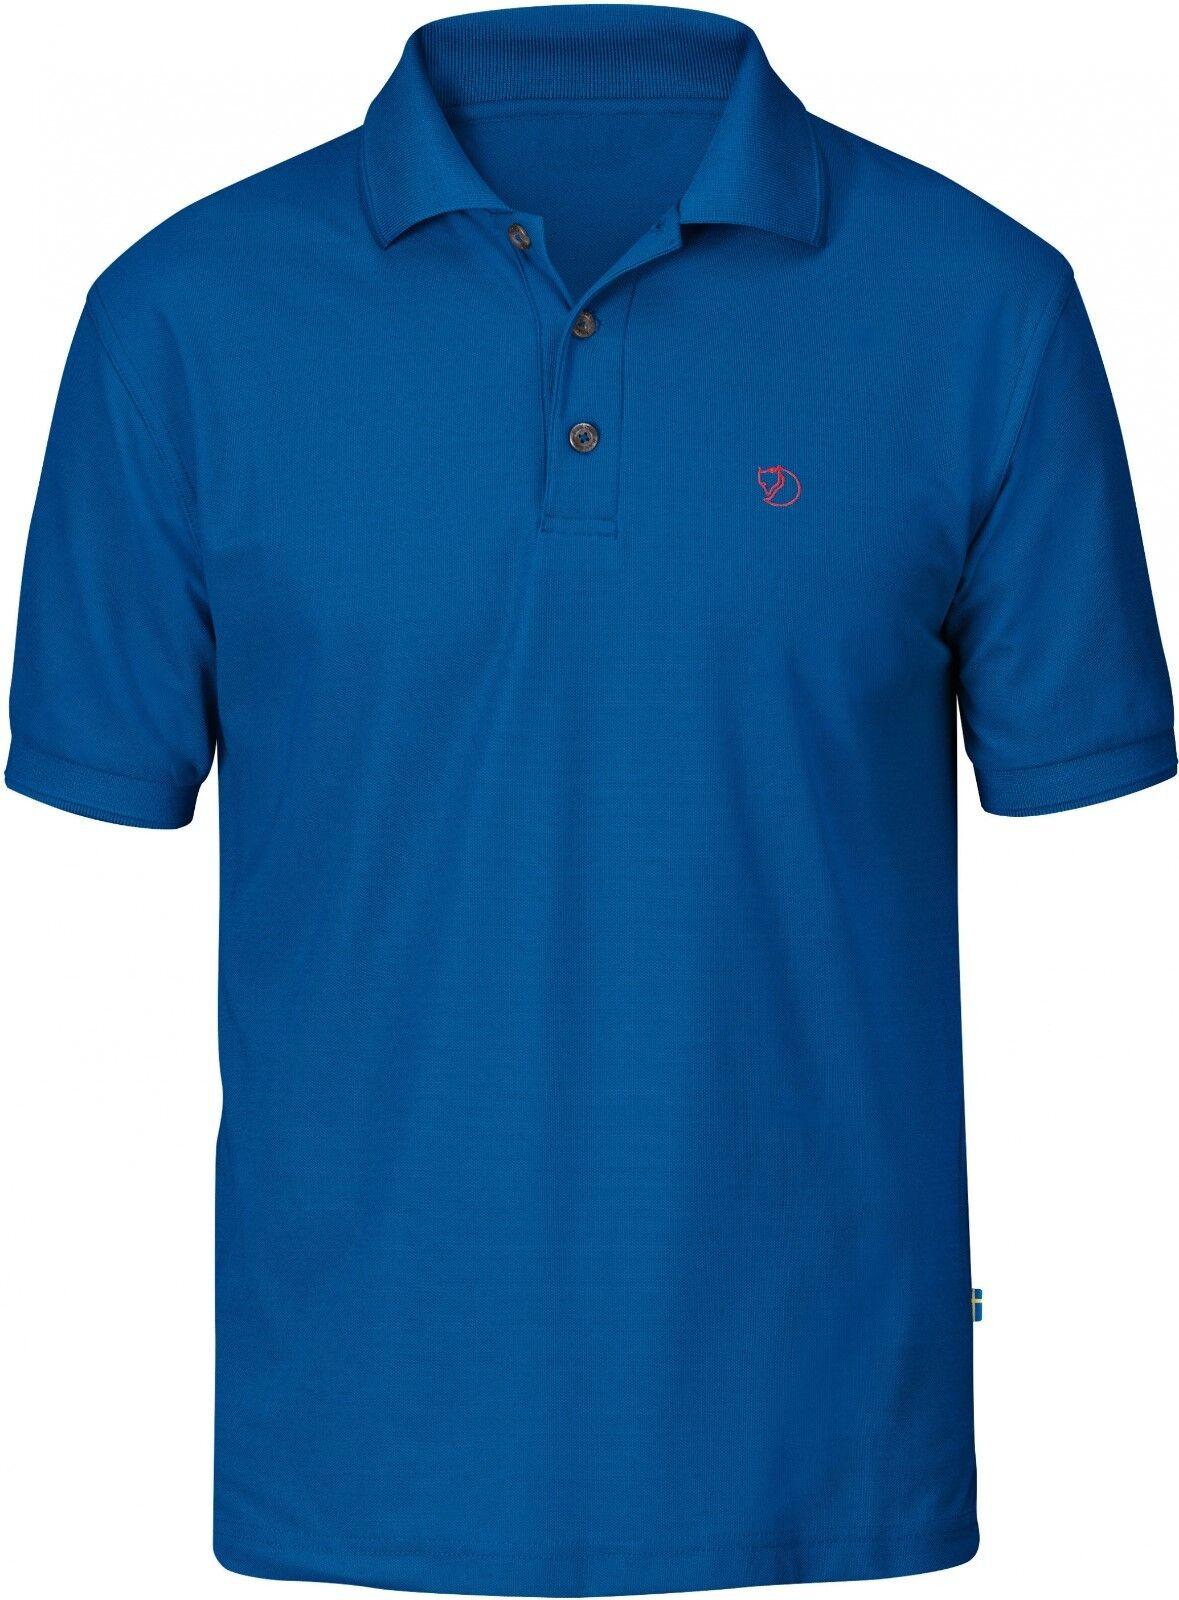 Fjäll Räven Crowley Pique Shirt für Herren, Poloshirt, bay Blau, Gr. M